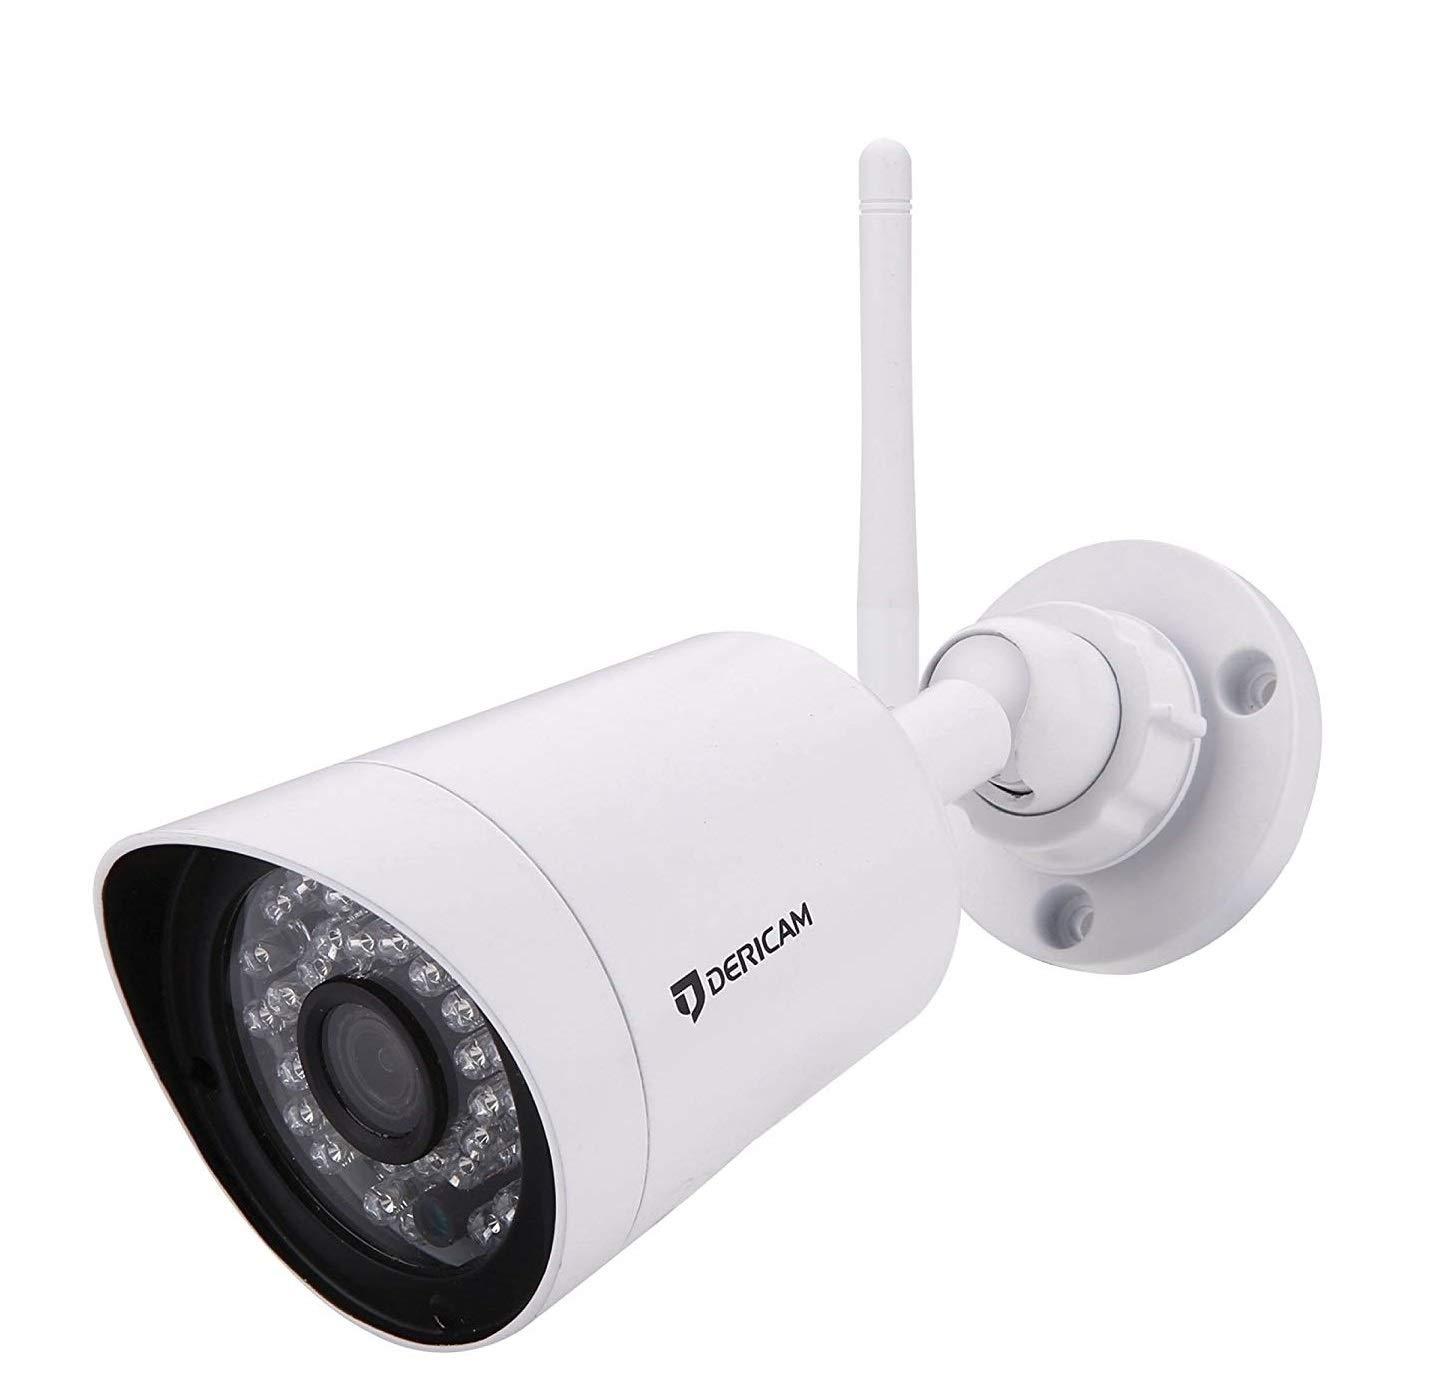 Cá mara de Seguridad para Exterior Dericam Full HD 1080P@25fps con Cristal de 3MP HD Lens, Ranura para Tarjeta de Memoria Externa Disponible, B2A, Blanco